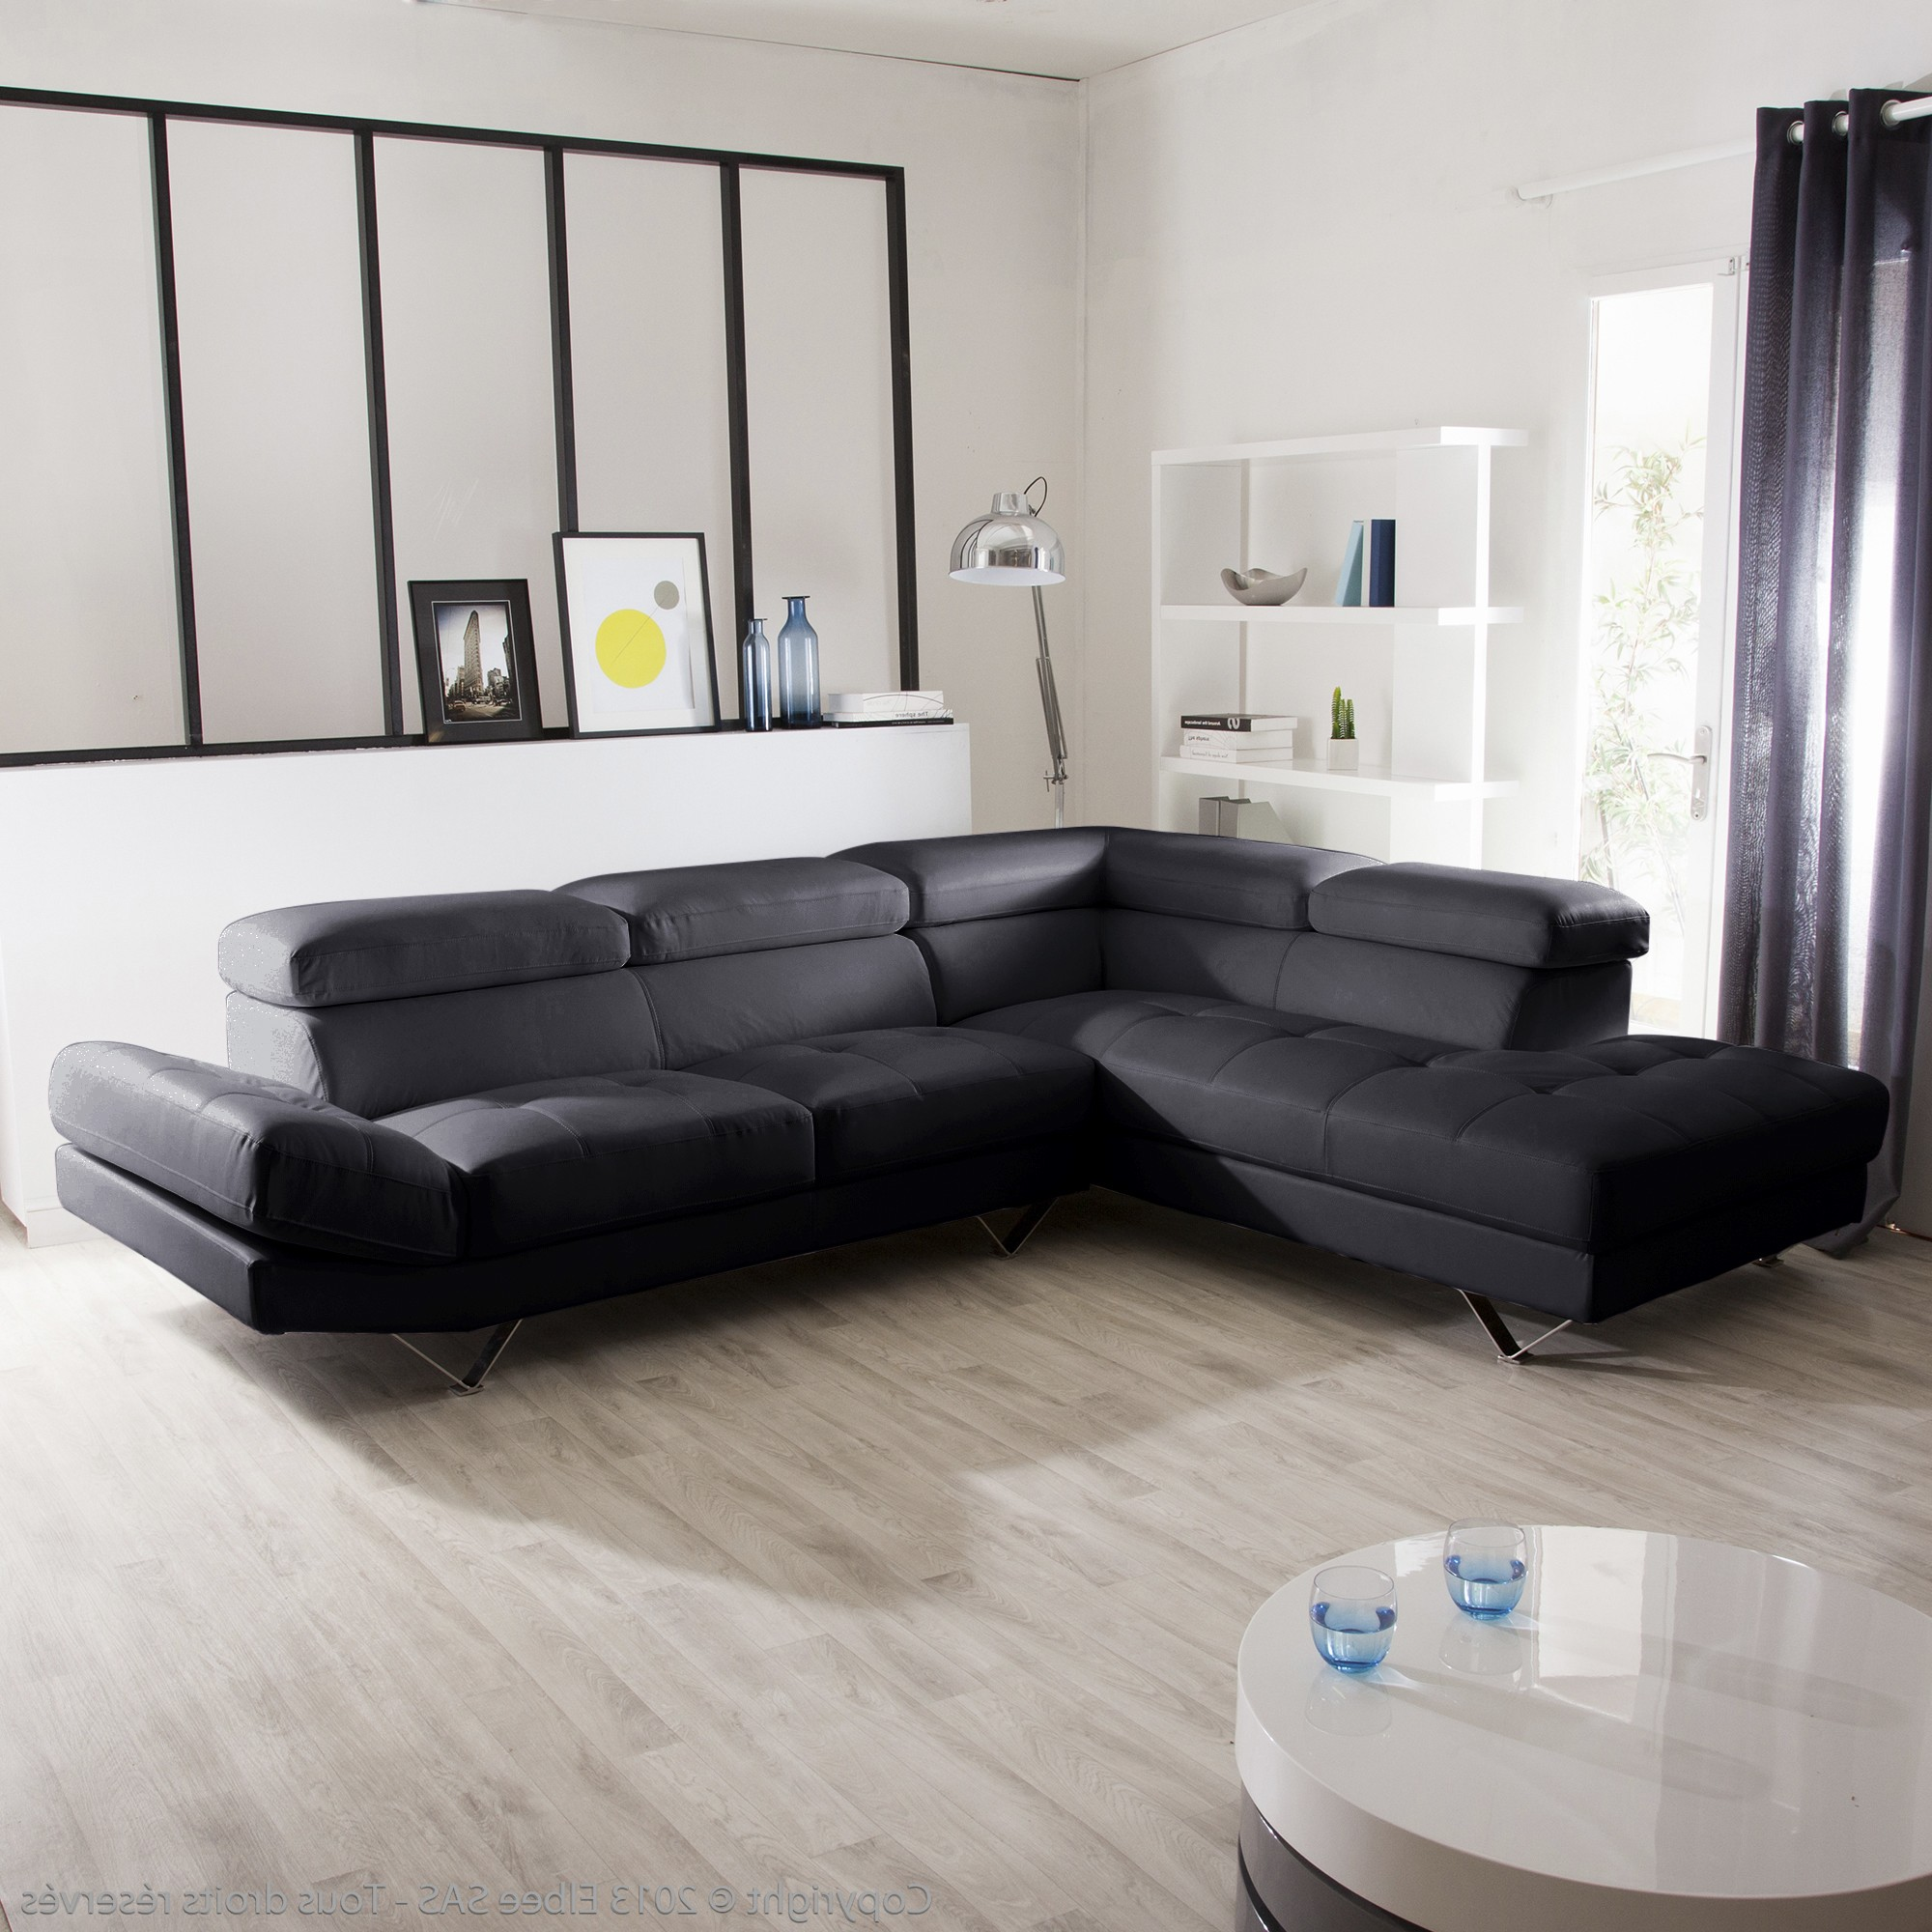 canape d 39 angle cuir buffle noir canap id es de. Black Bedroom Furniture Sets. Home Design Ideas